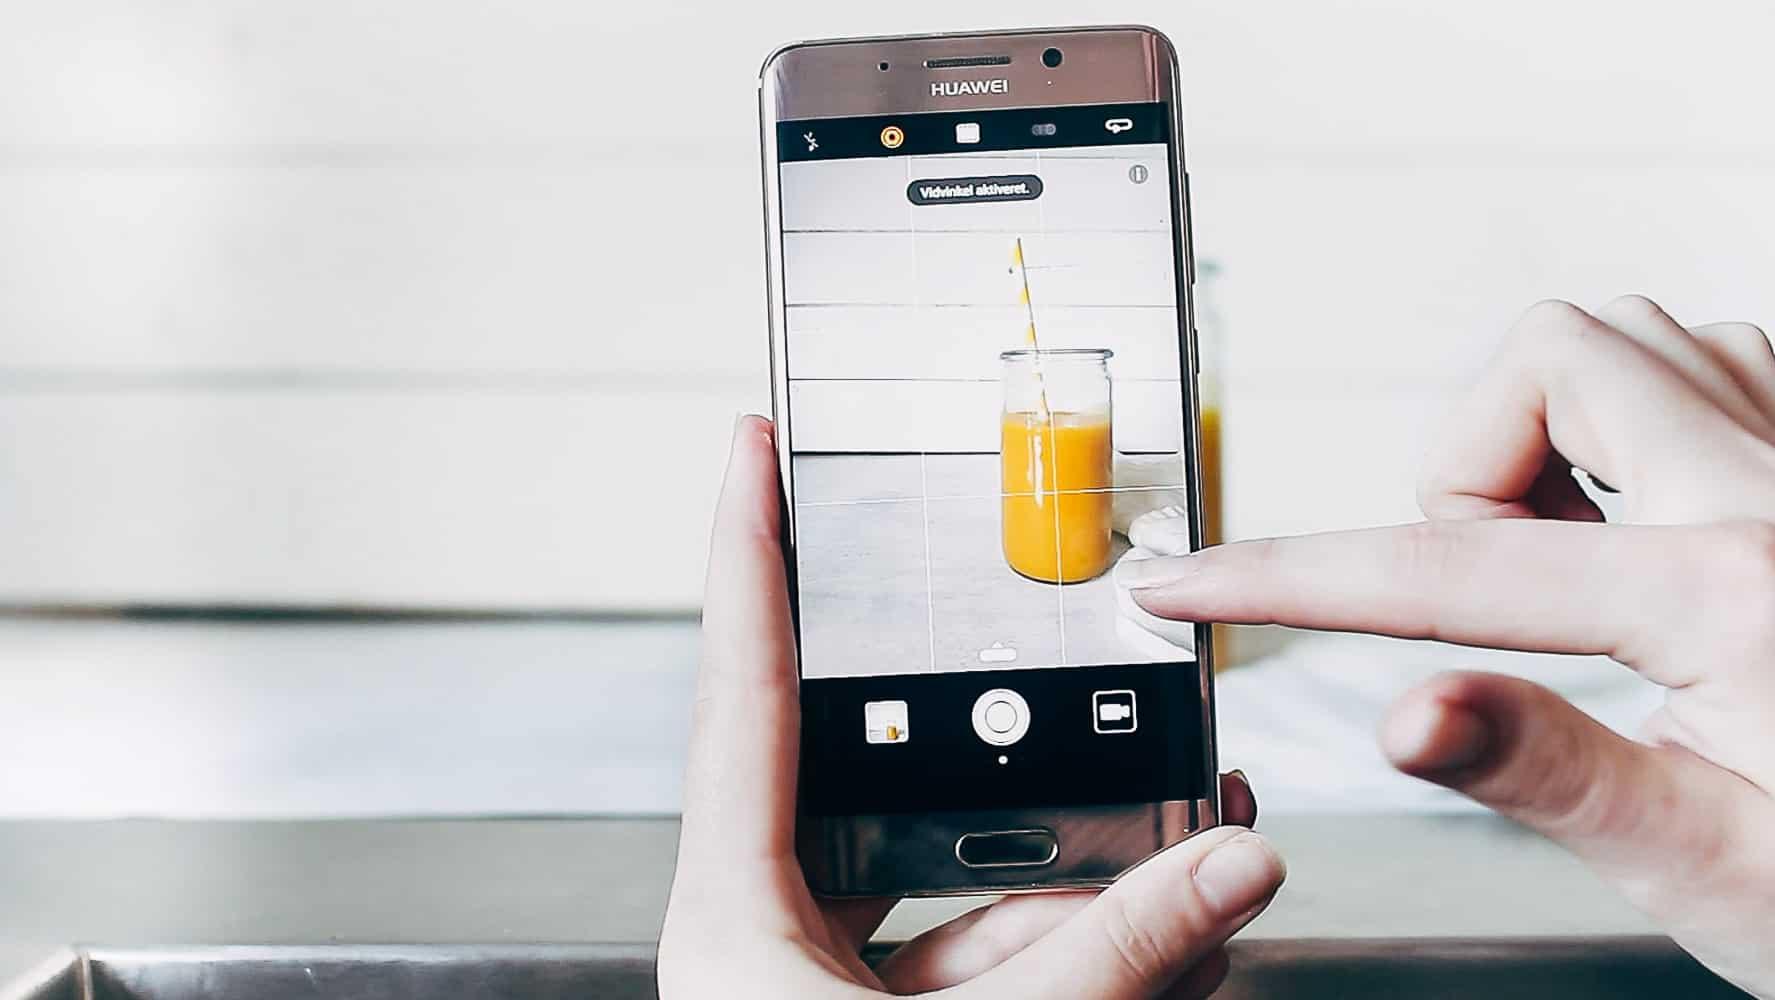 Huawei mate 9 pro - tag bedre madbilleder med smartphone